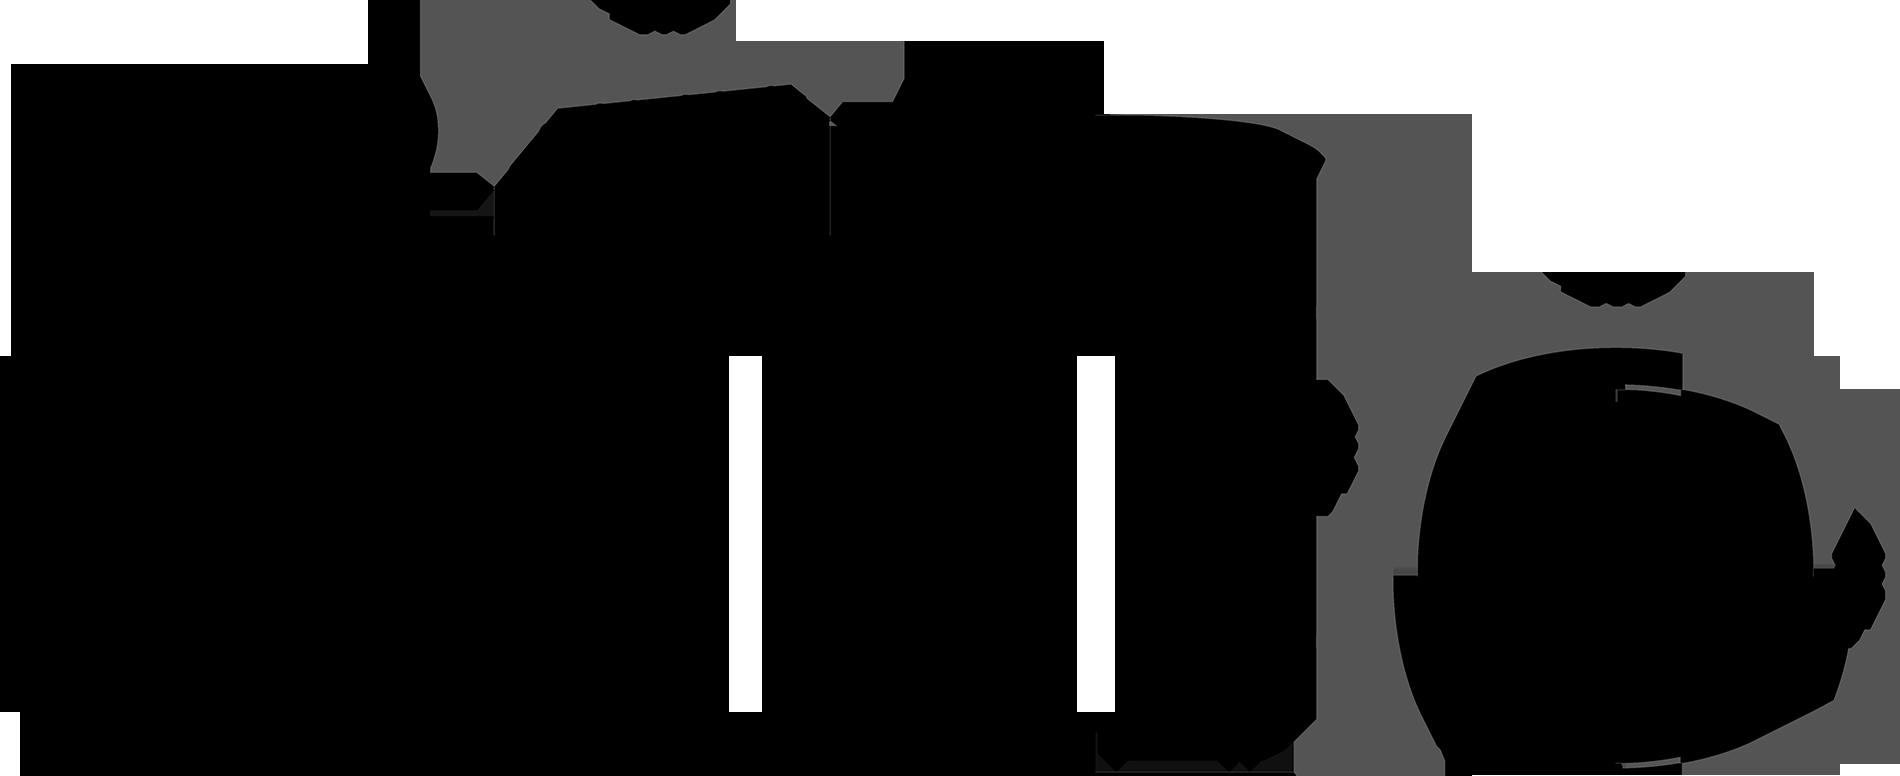 Урна Voronoy